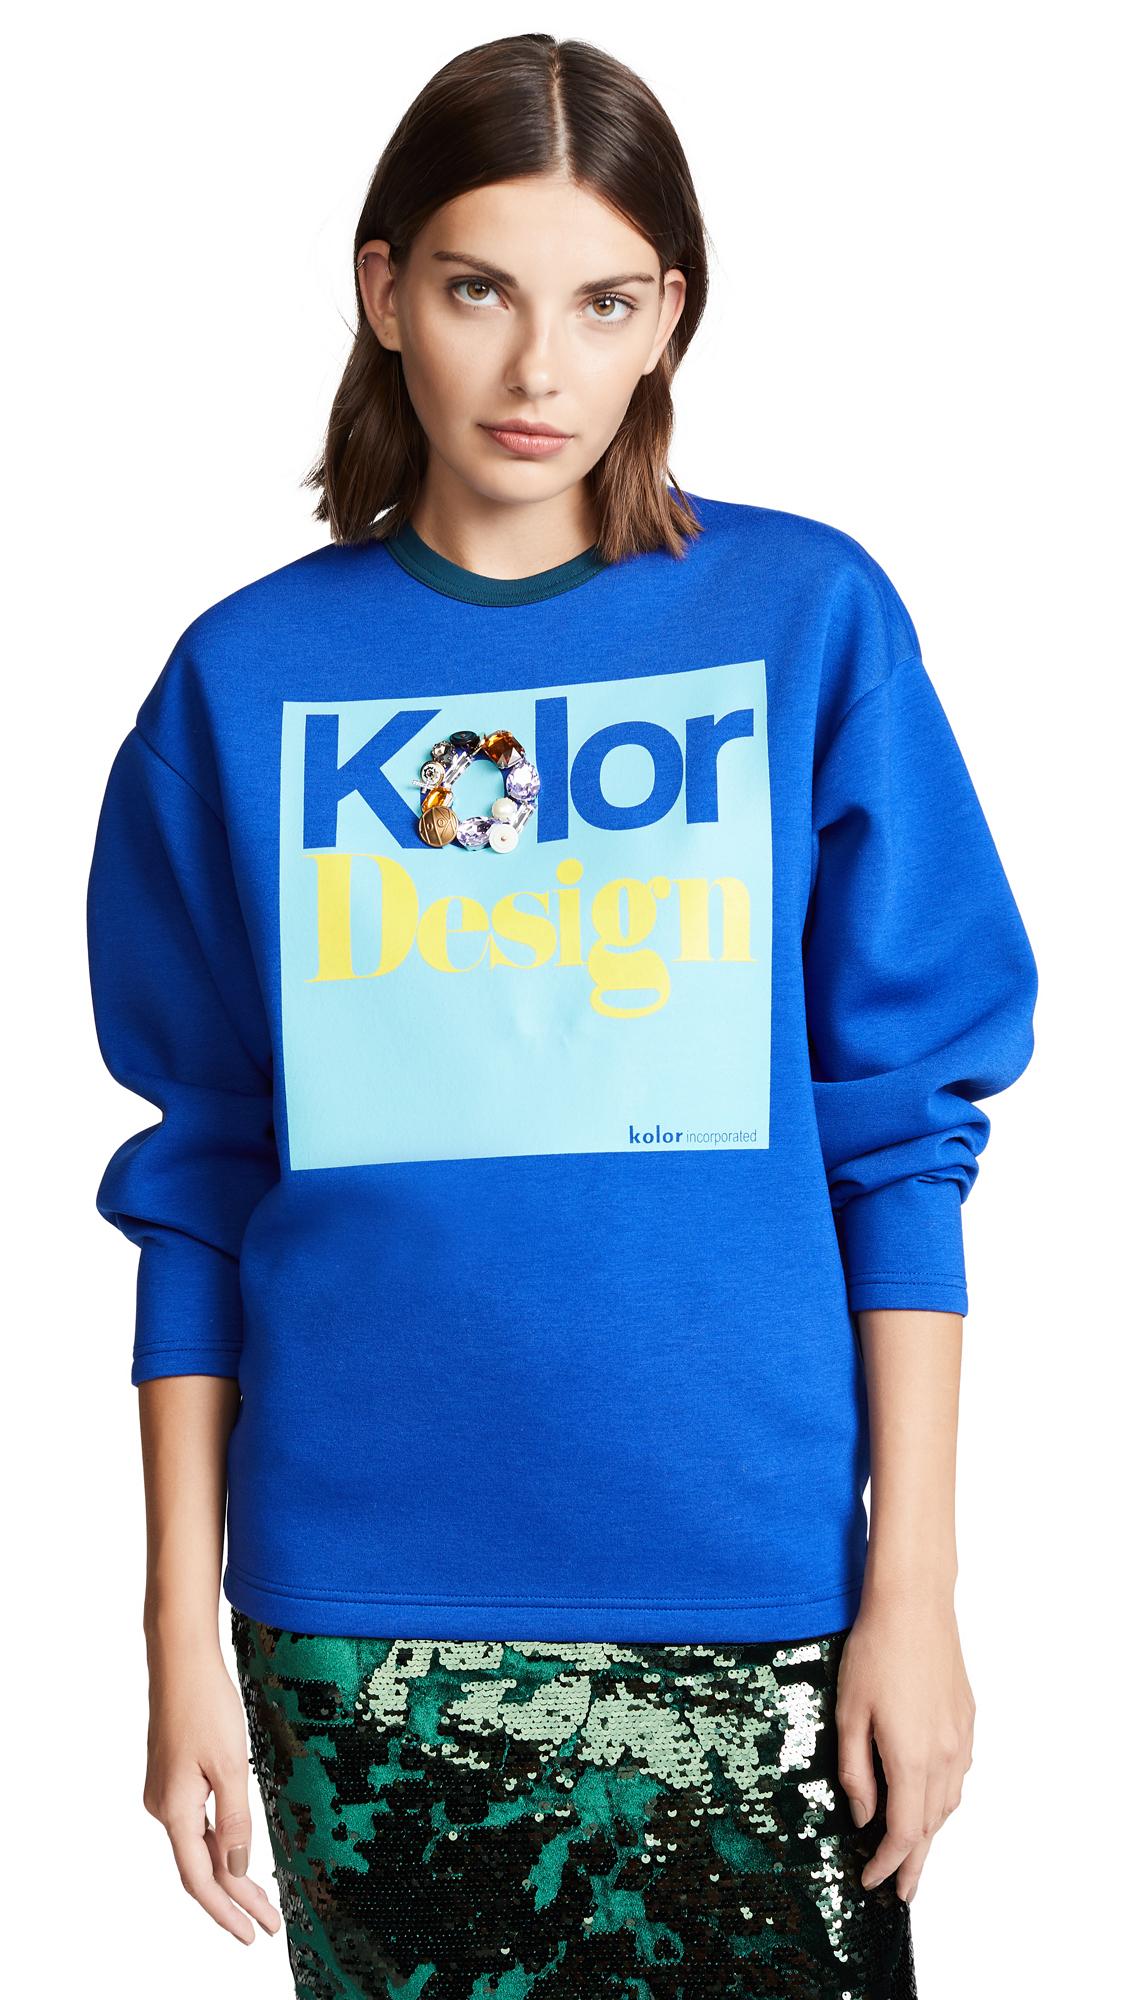 Kolor Design Crew Neck Sweatshirt In Blue